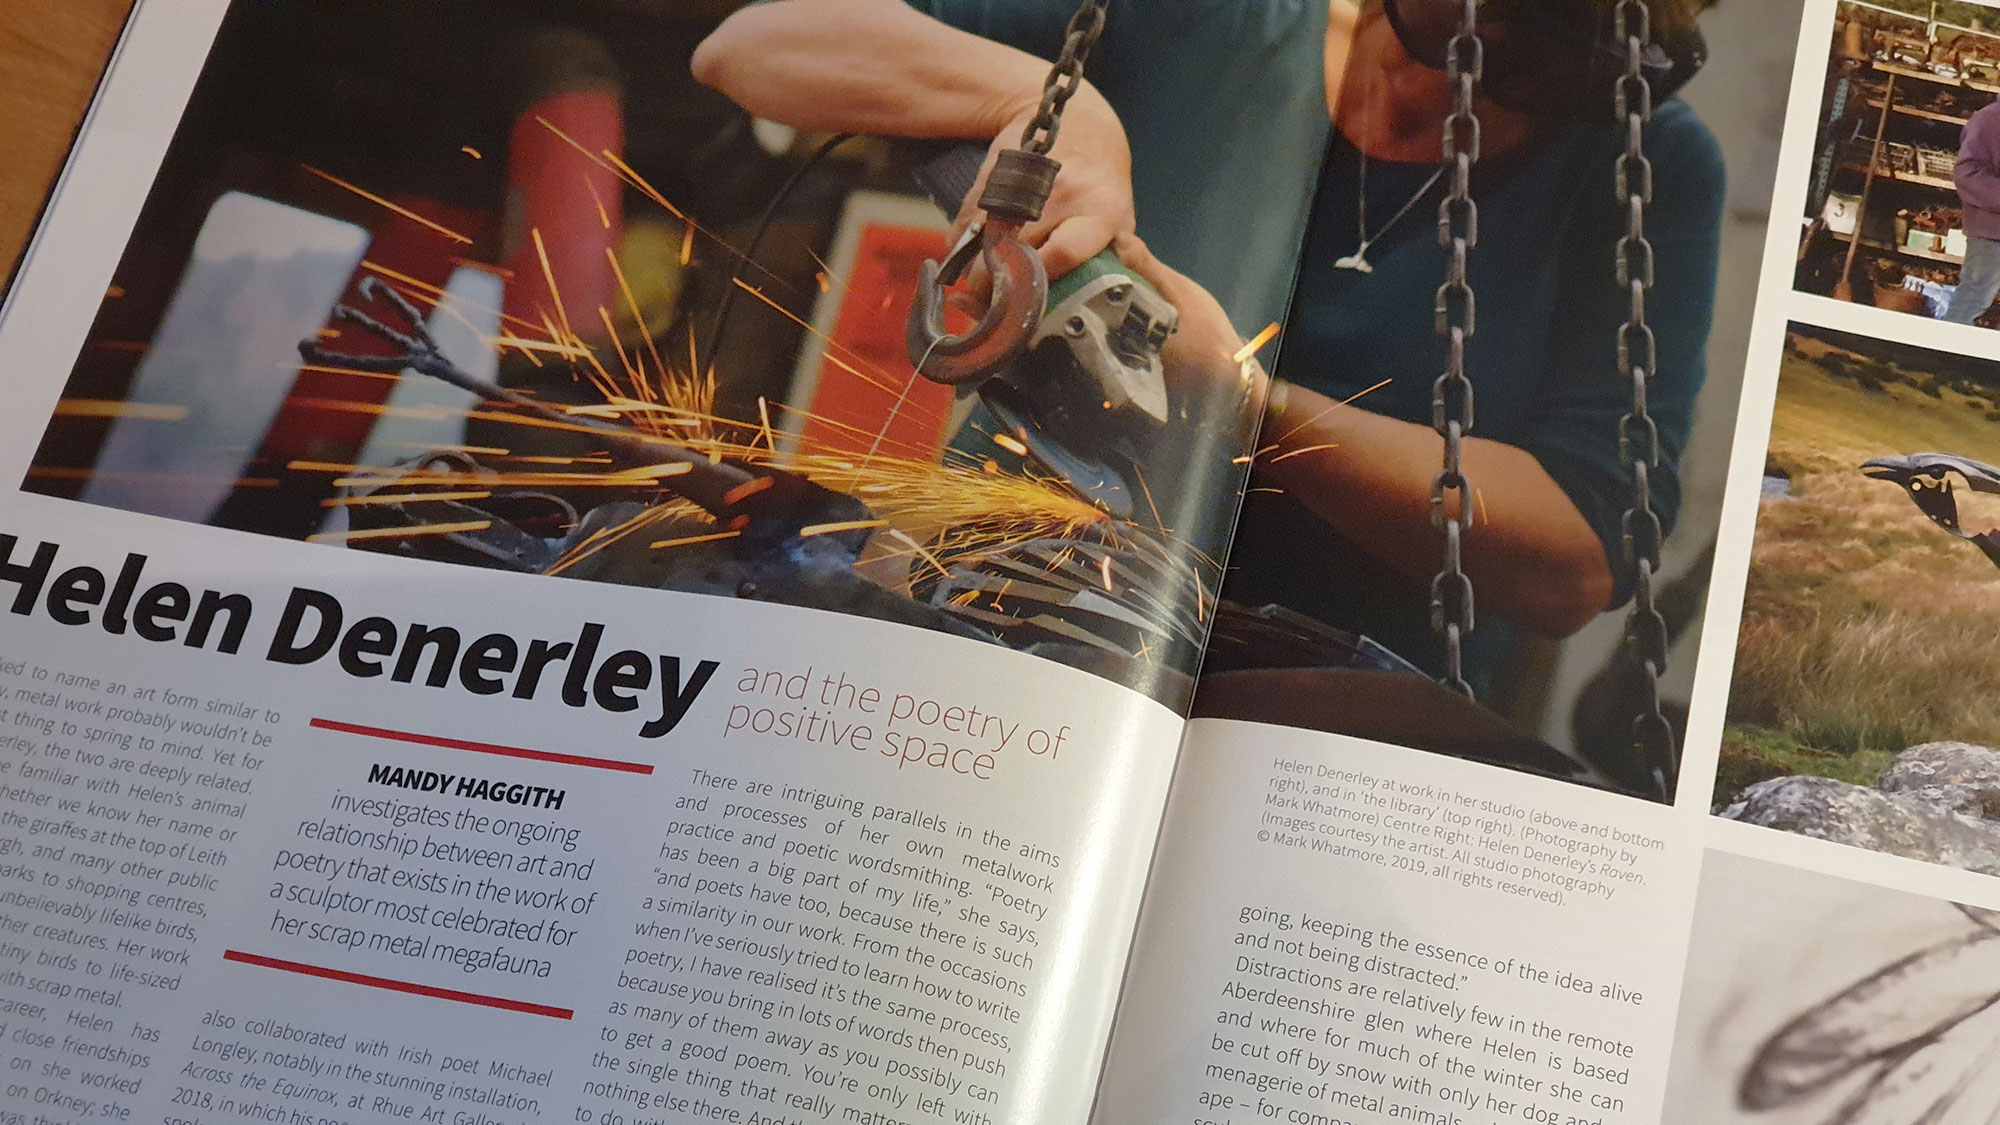 Denerley-Page-Spread.jpg